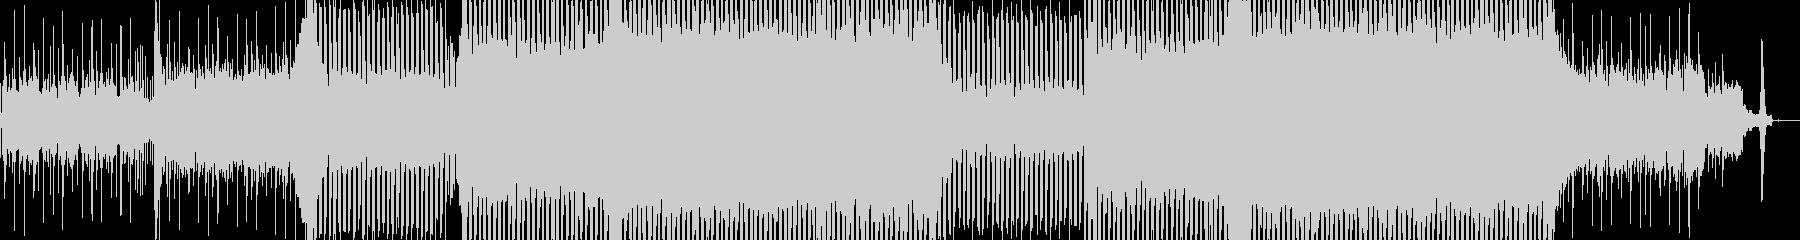 EDMクラブ系ダンスミュージック-01の未再生の波形